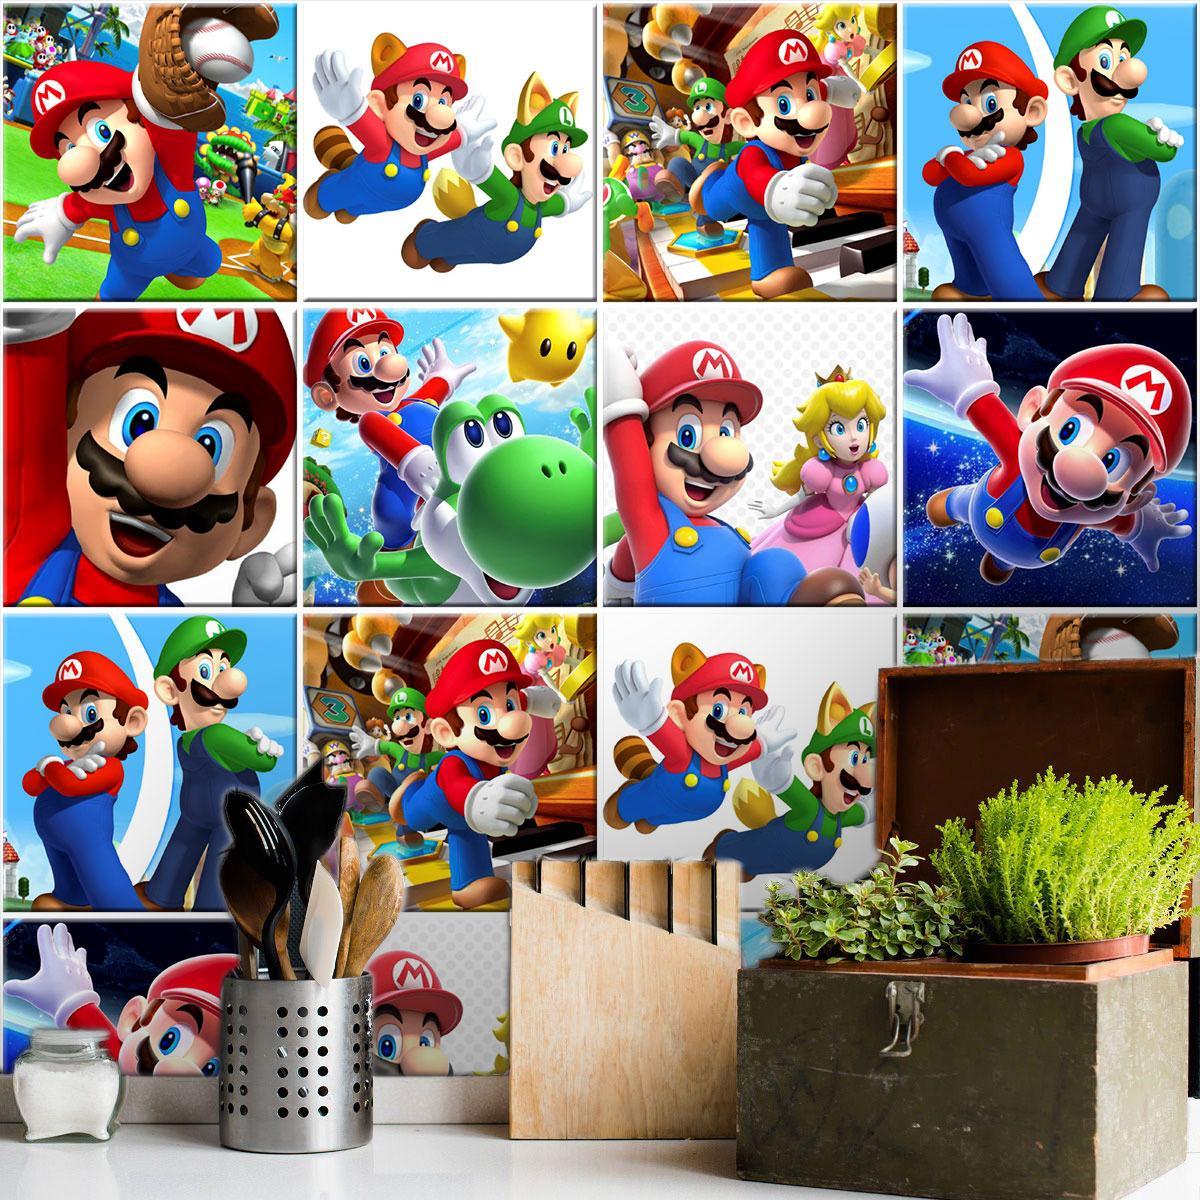 Papel de Parede Autoadesivo Super Mario Bros